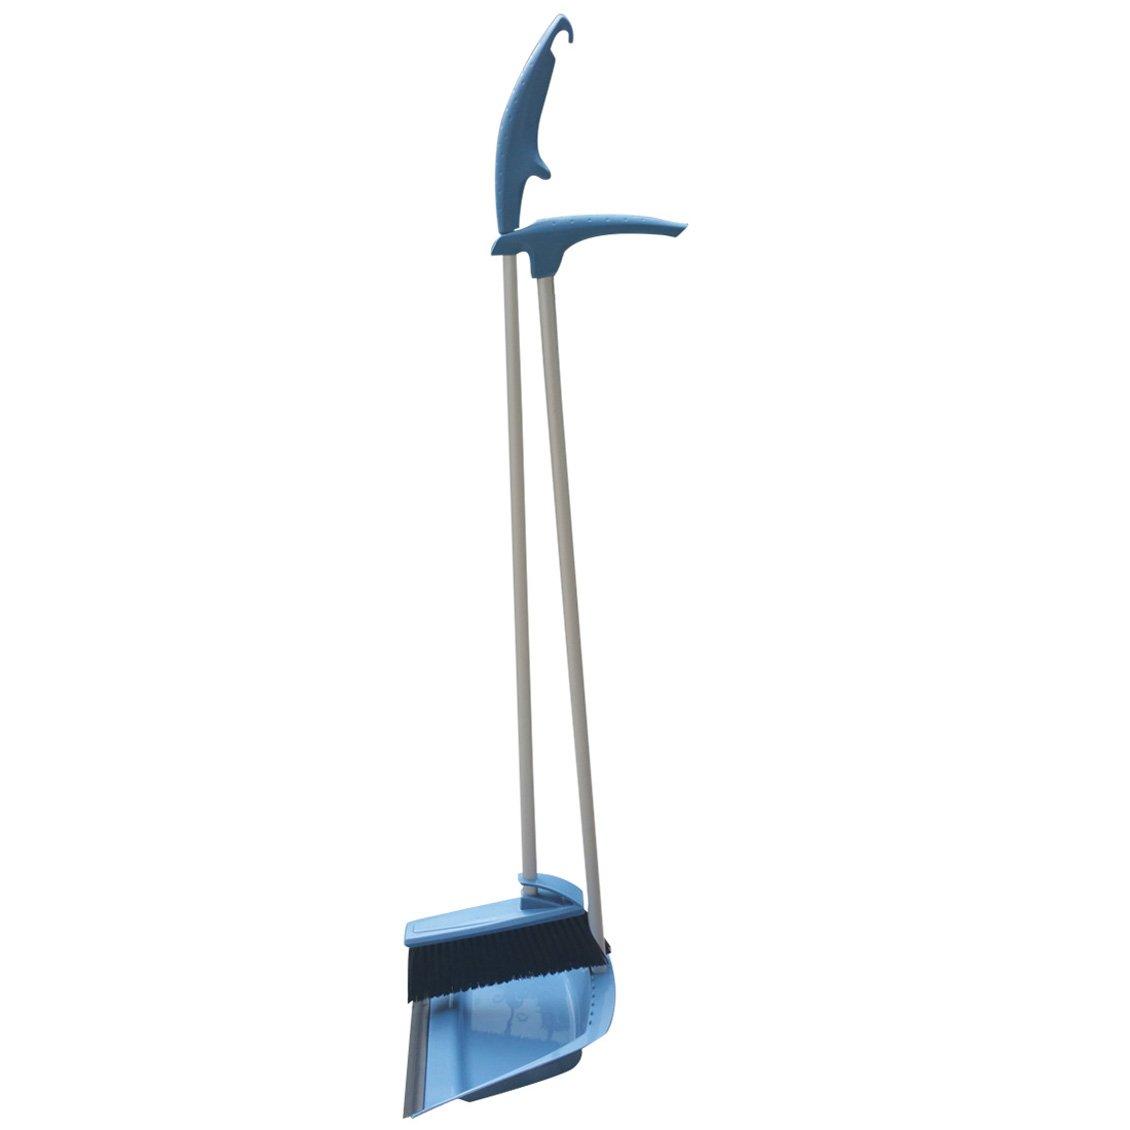 coralpearl Upright Dustpan with Rubber Lip andブラシホルダーほうきコンボスイープ設定Clean Upオーガナイザーツールwithプラスチックメタルロングハンドルのロビーキッチンガーデンガレージアウトドアインドア36